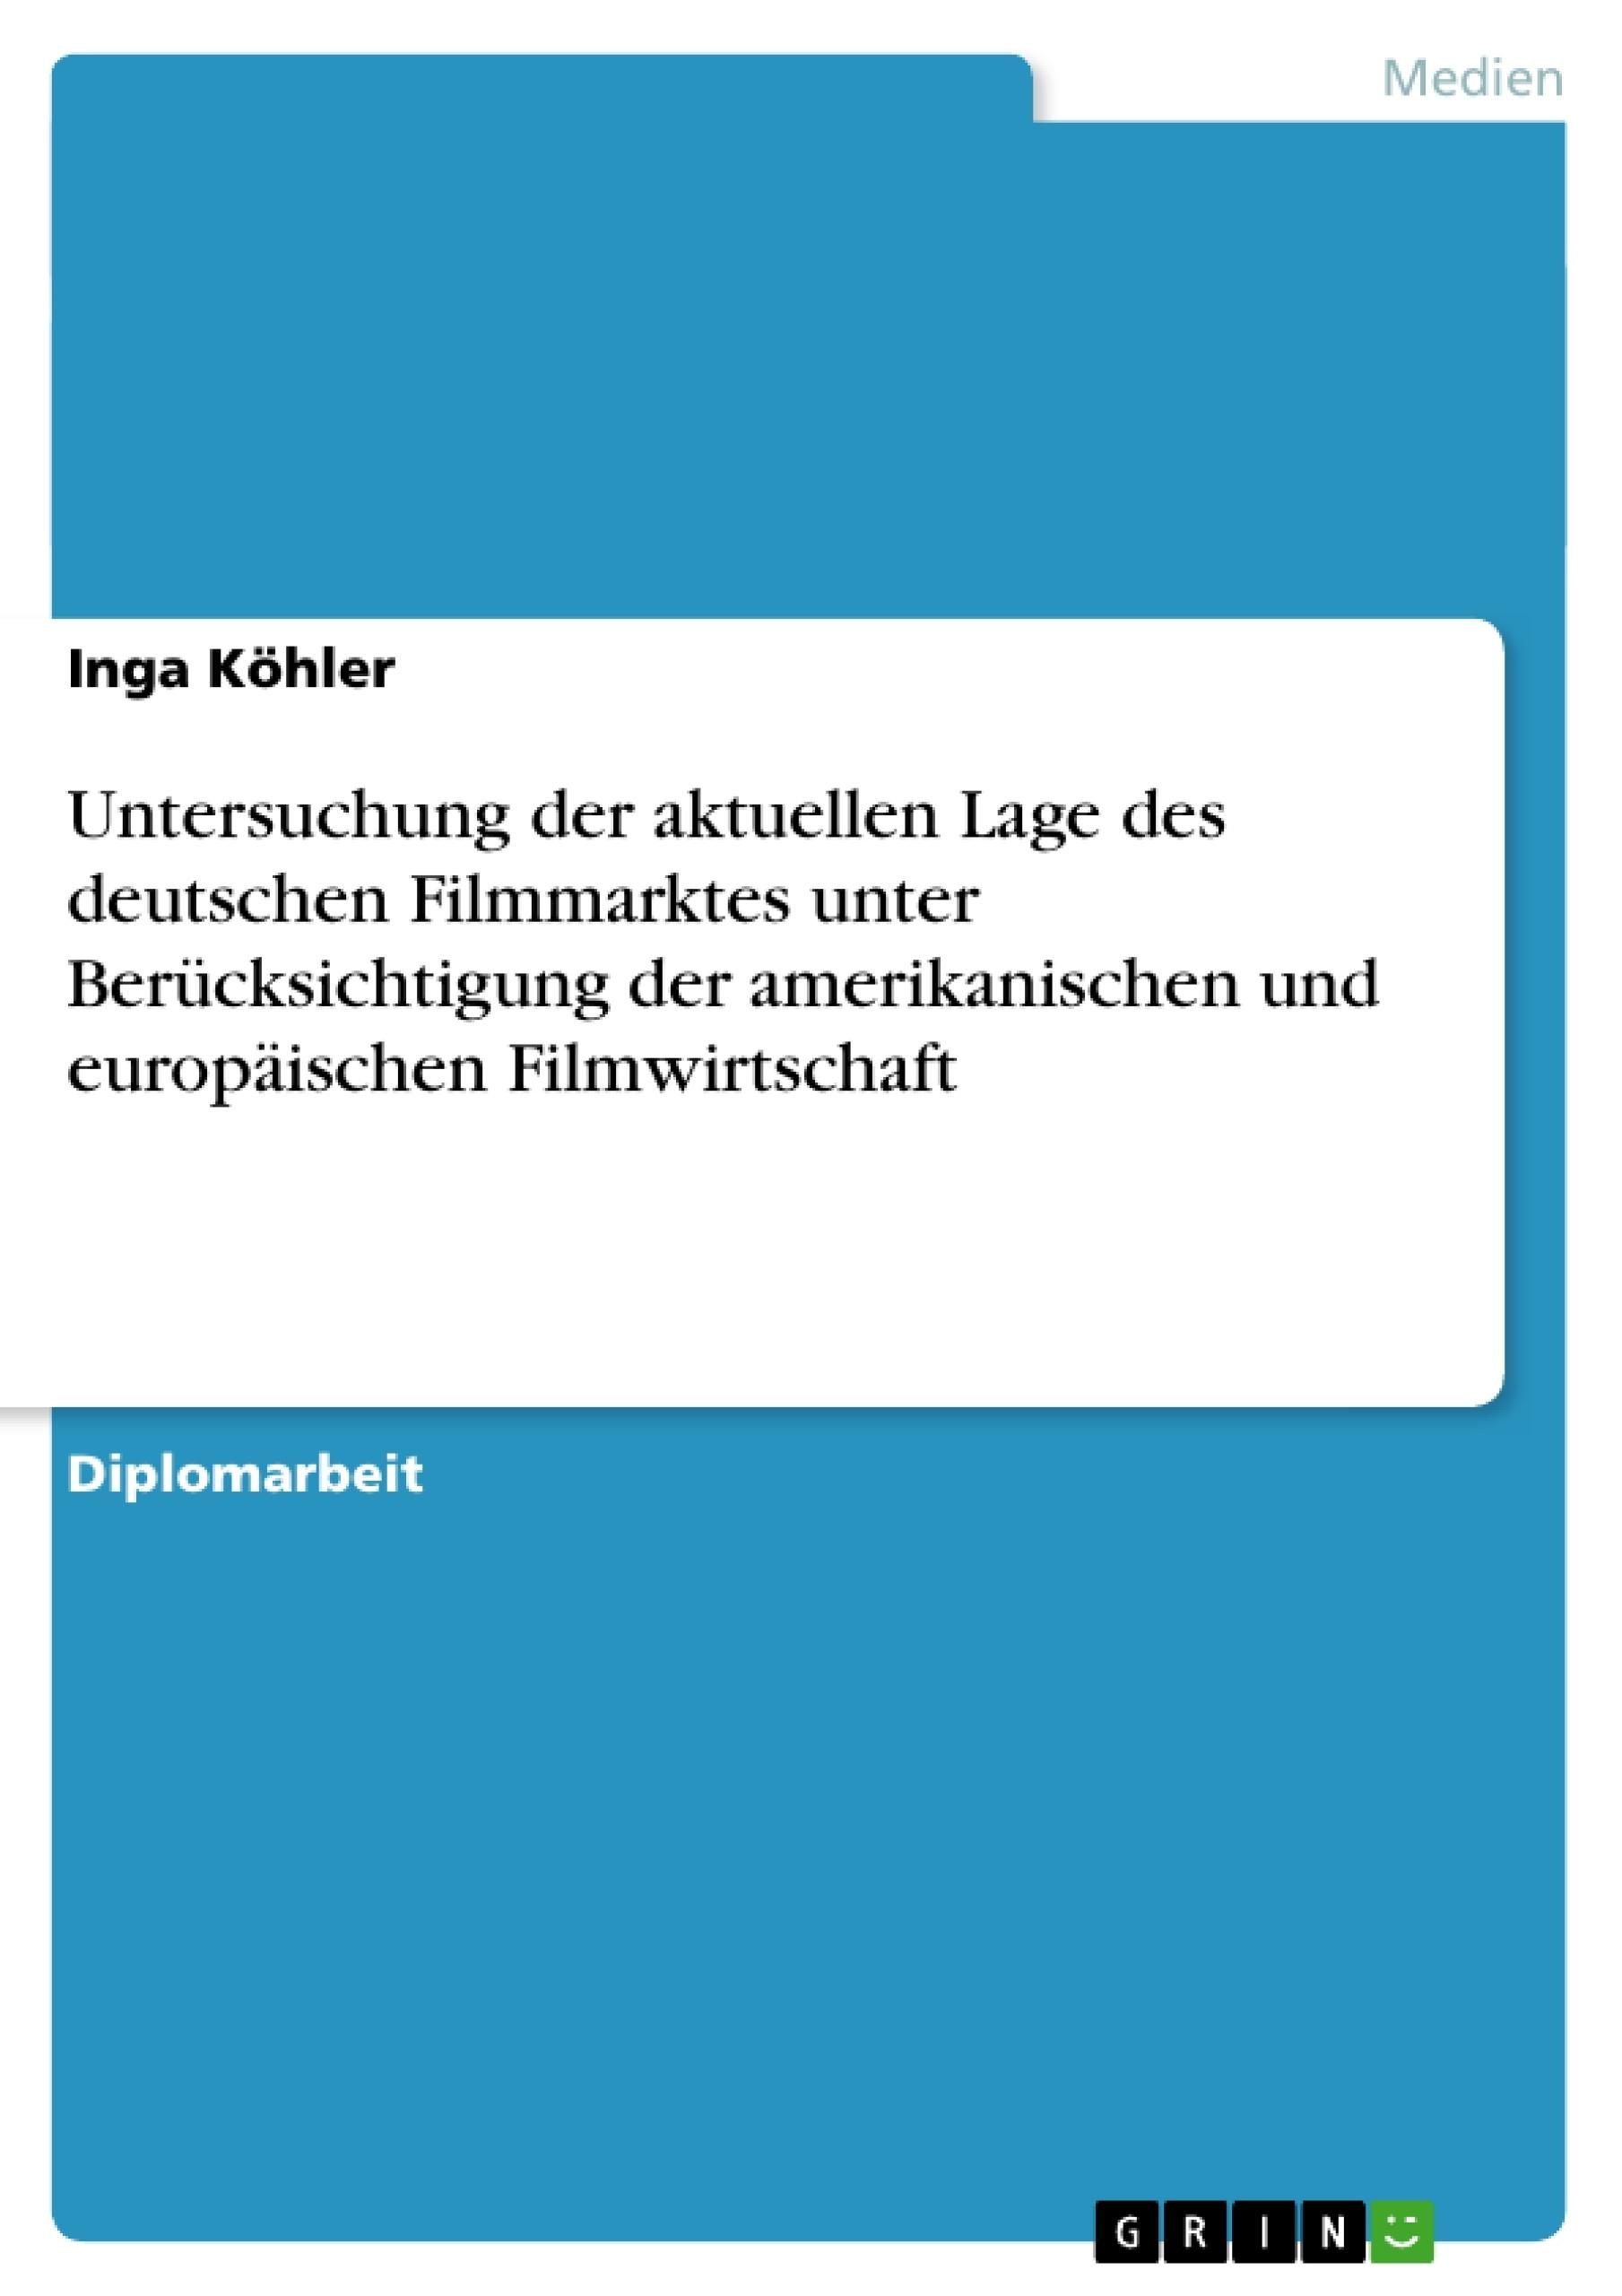 Titel: Untersuchung der aktuellen Lage des deutschen Filmmarktes unter Berücksichtigung der amerikanischen und europäischen Filmwirtschaft